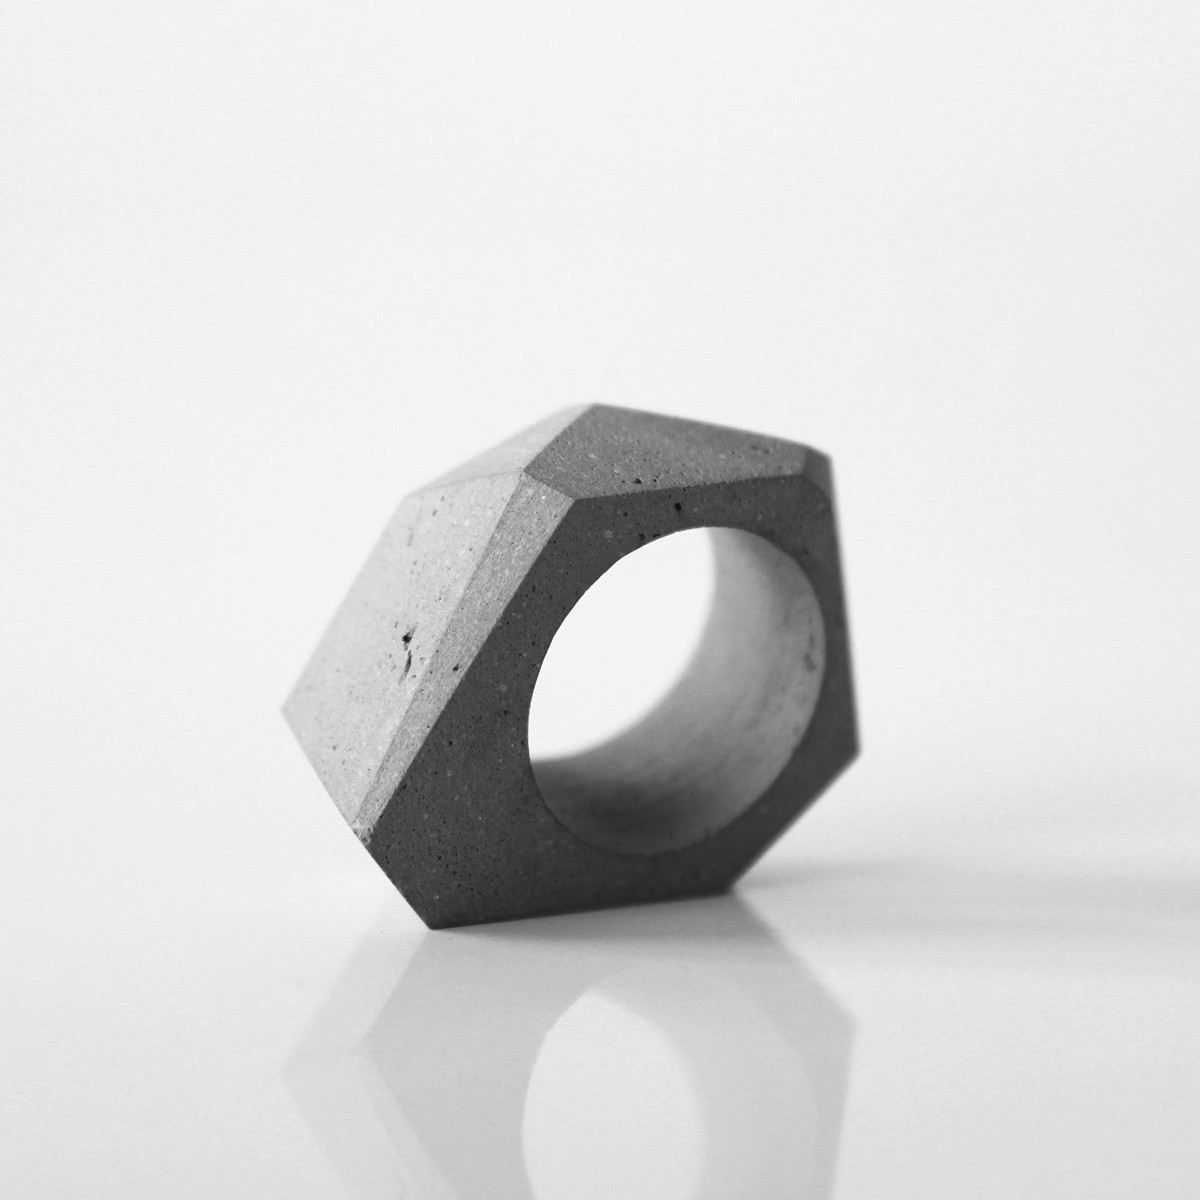 Beton Ring TTSF, Beton Schmuck, moderner Ring, moderner Schmuck by ORTOGONALE